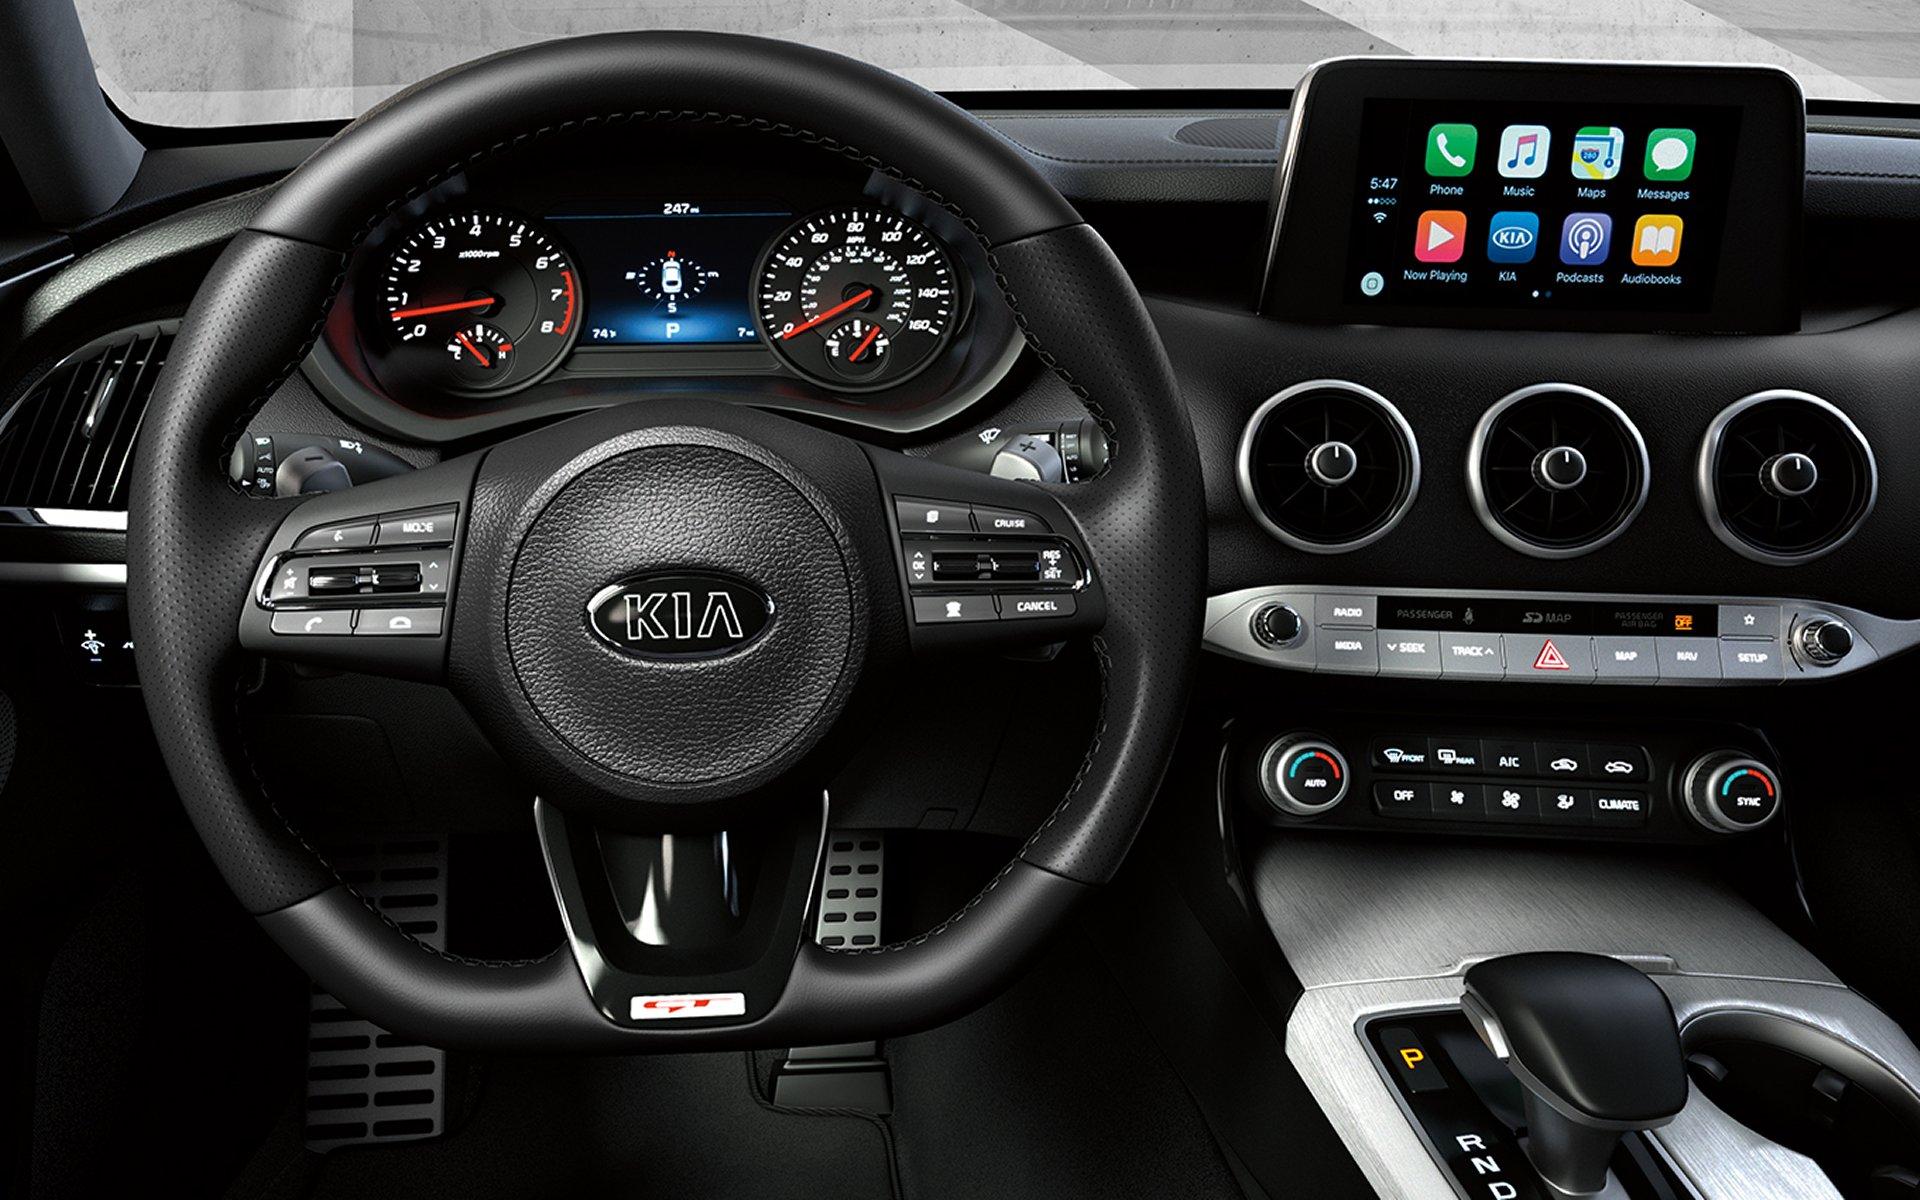 Nhiều dòng xe hỗ trợ Car Play sẽ xuất hiện tại Los Angeles Auto Show